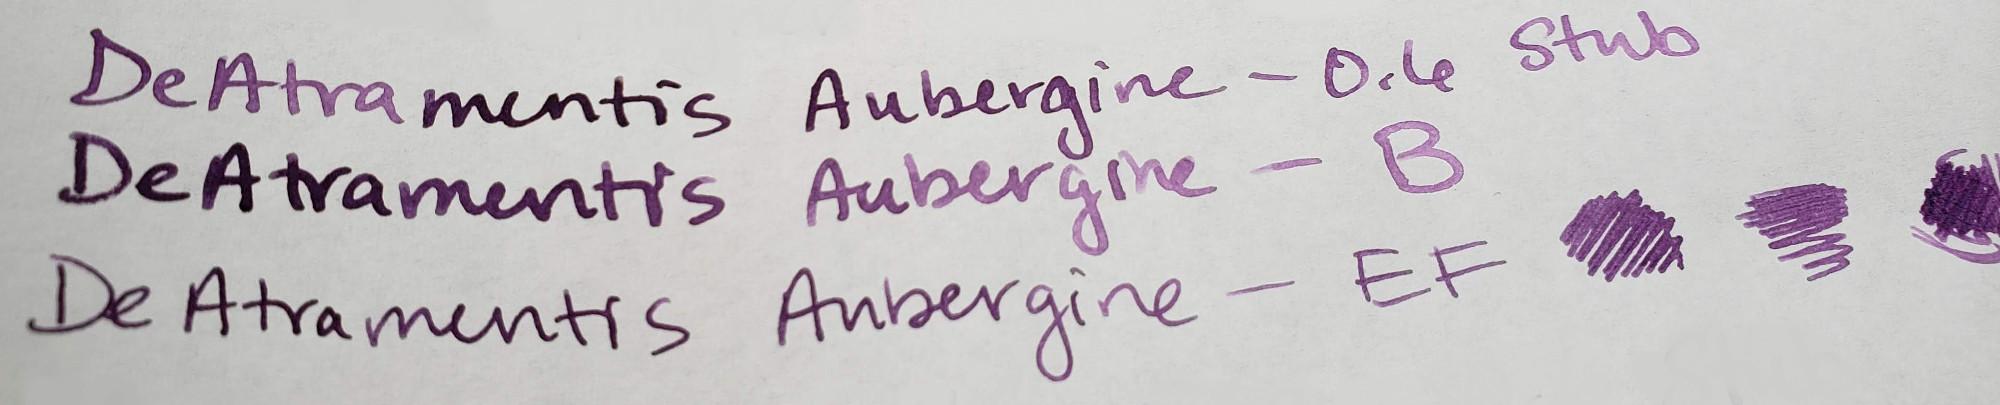 fpn_1576896420__deatramentis_aubergine_d